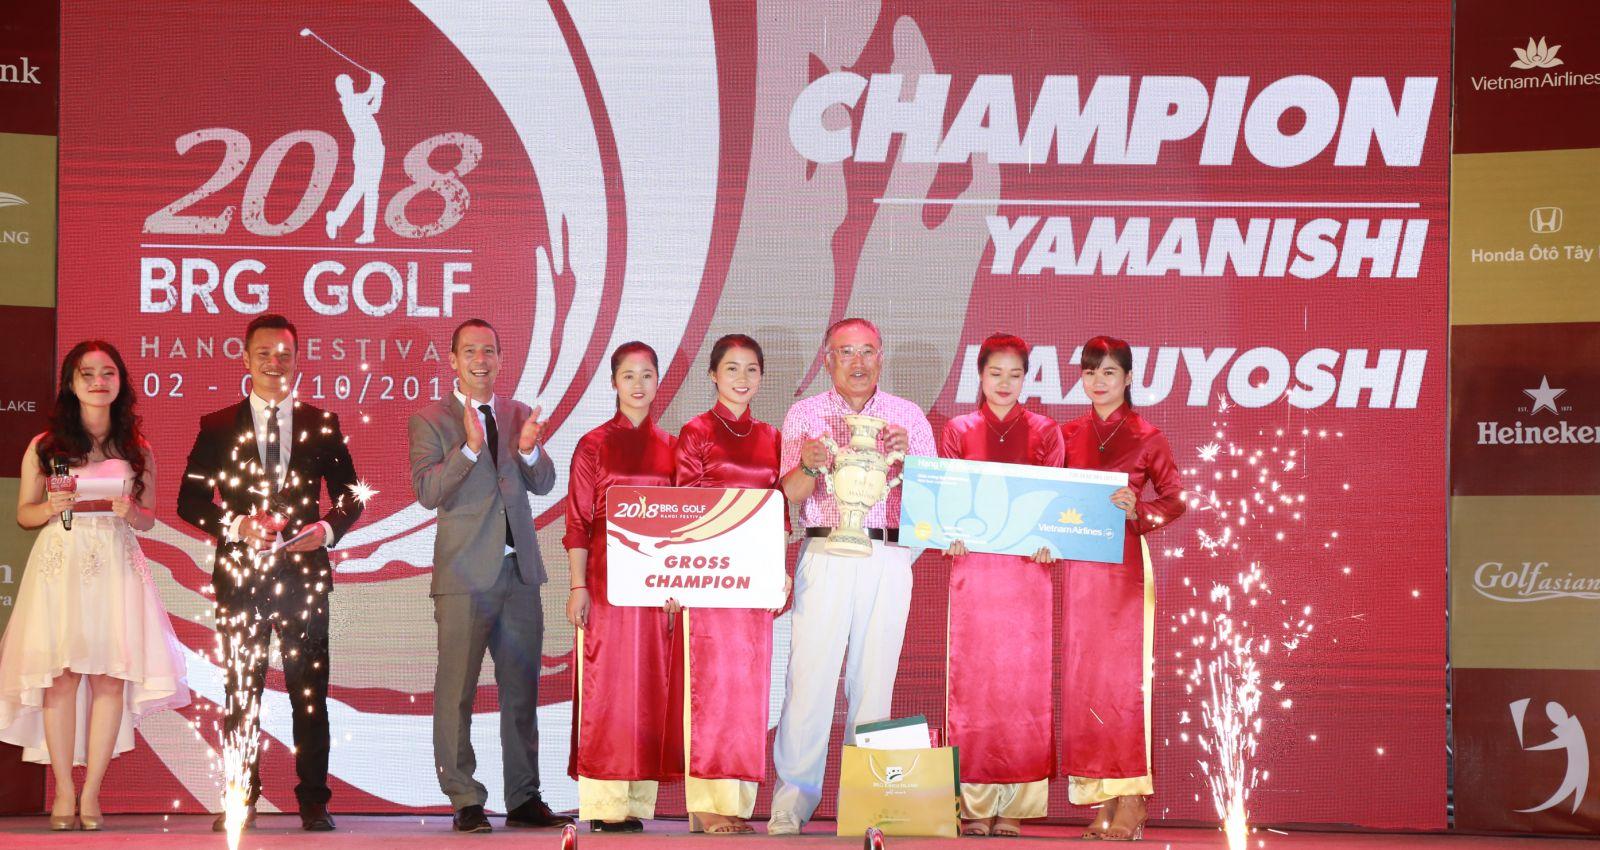 Gôn thủ Nhật Bản Yamanishi Kazuyoshi giành chức vô địch BRG Golf Hà Nội Festival 2018.